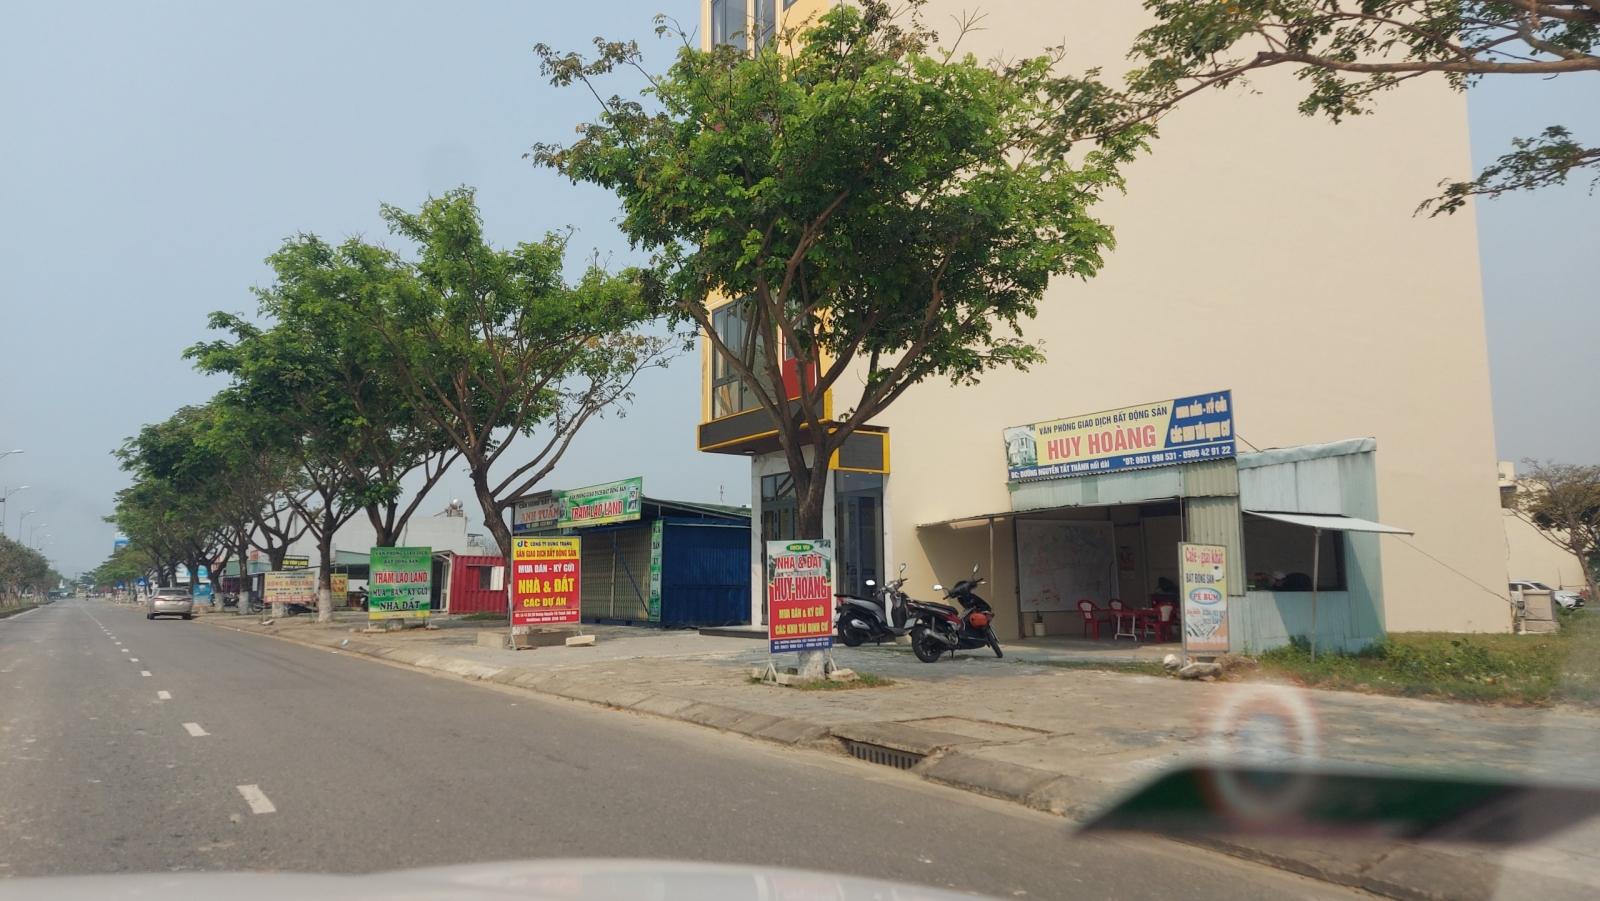 Nhiều kiốt giao dịch bất động sản rầm rộ mở cửa trở lại ở Liên Chiểu.